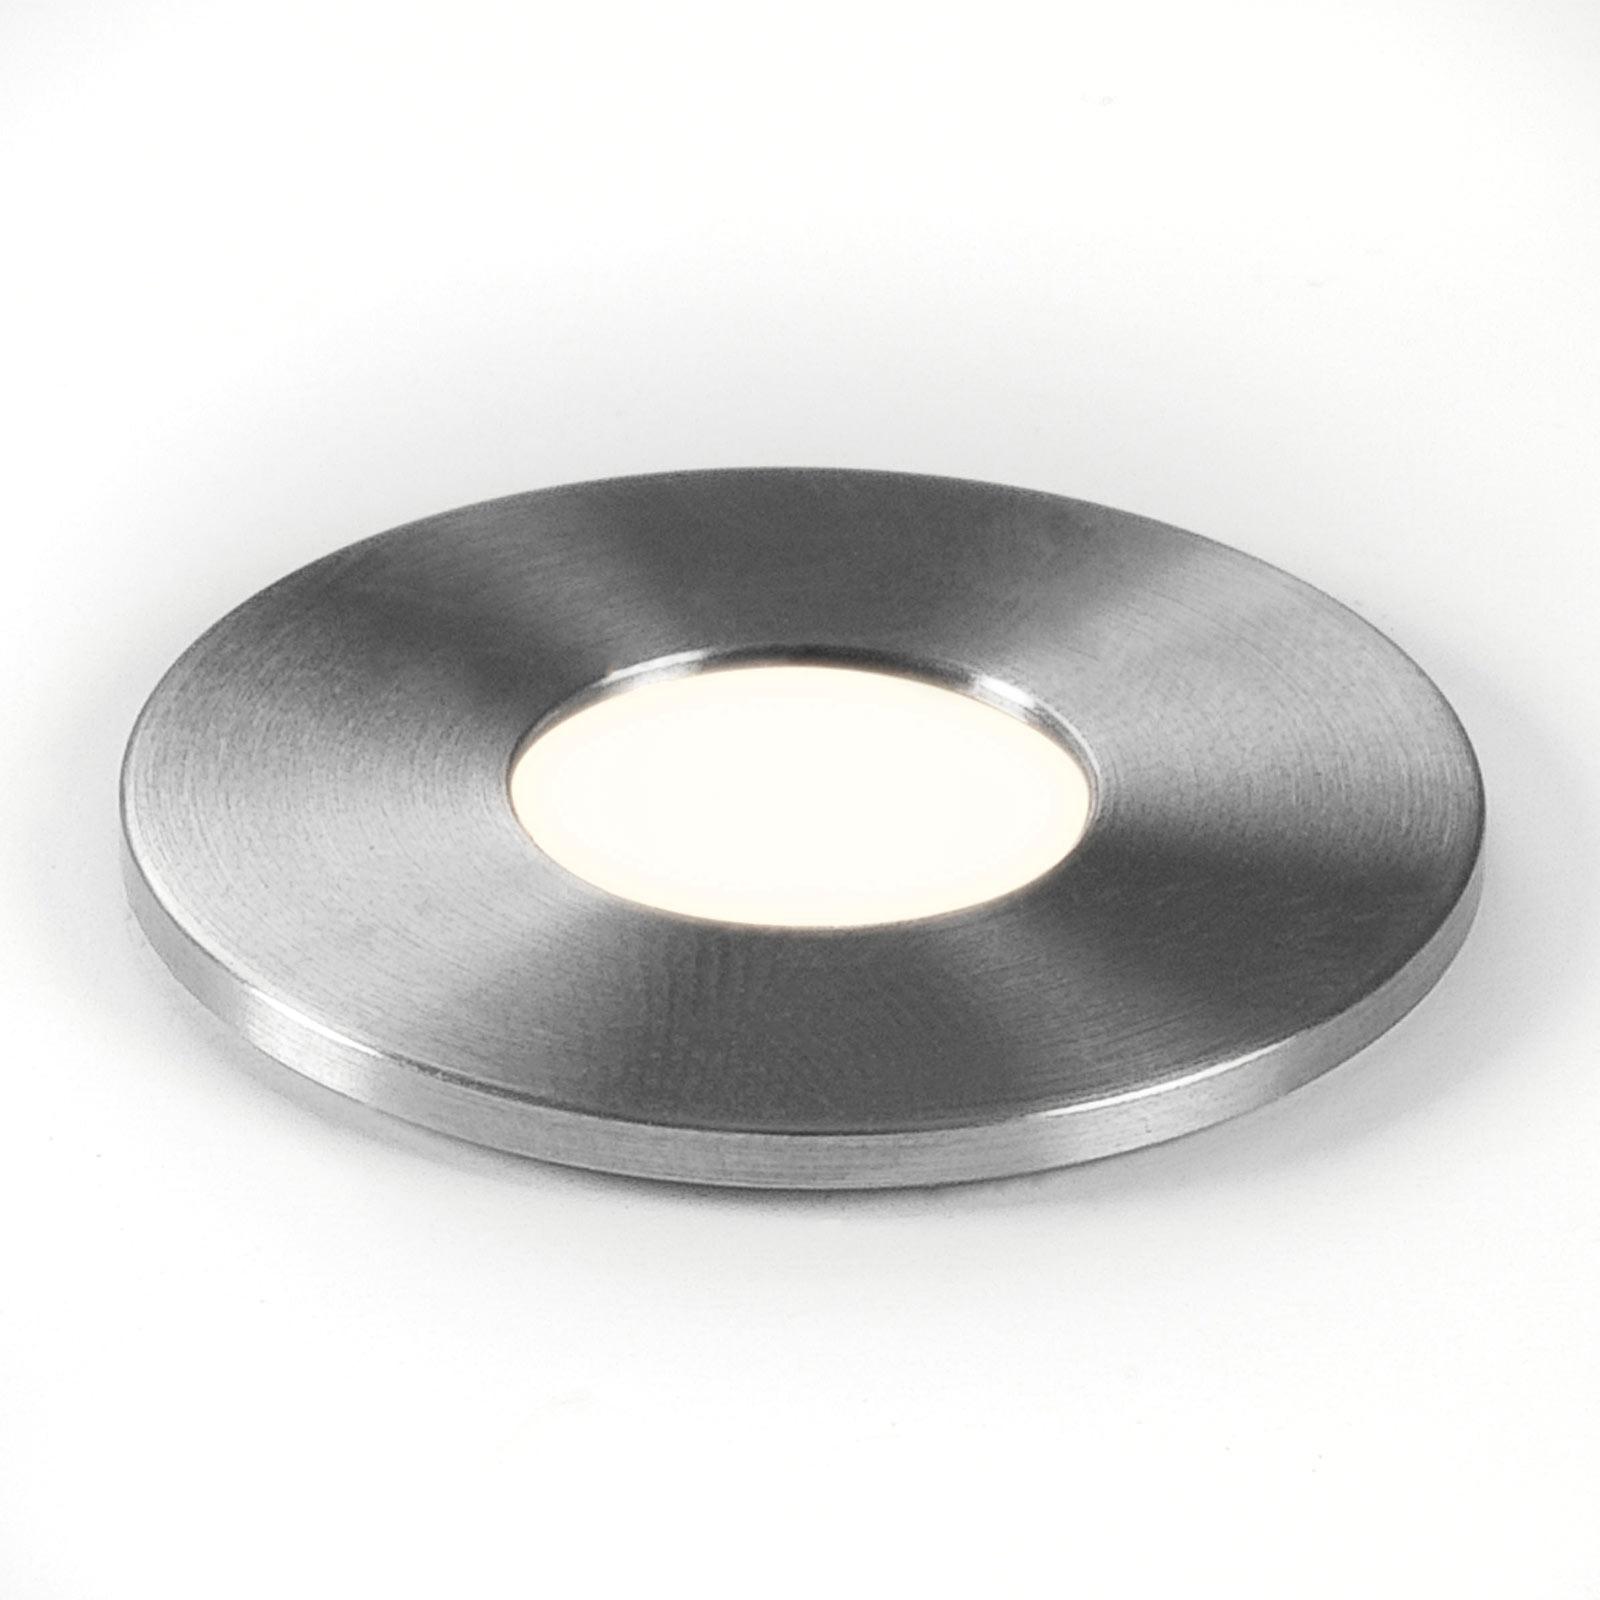 Astro Terra 28 Round LED-Einbauleuchte, IP65